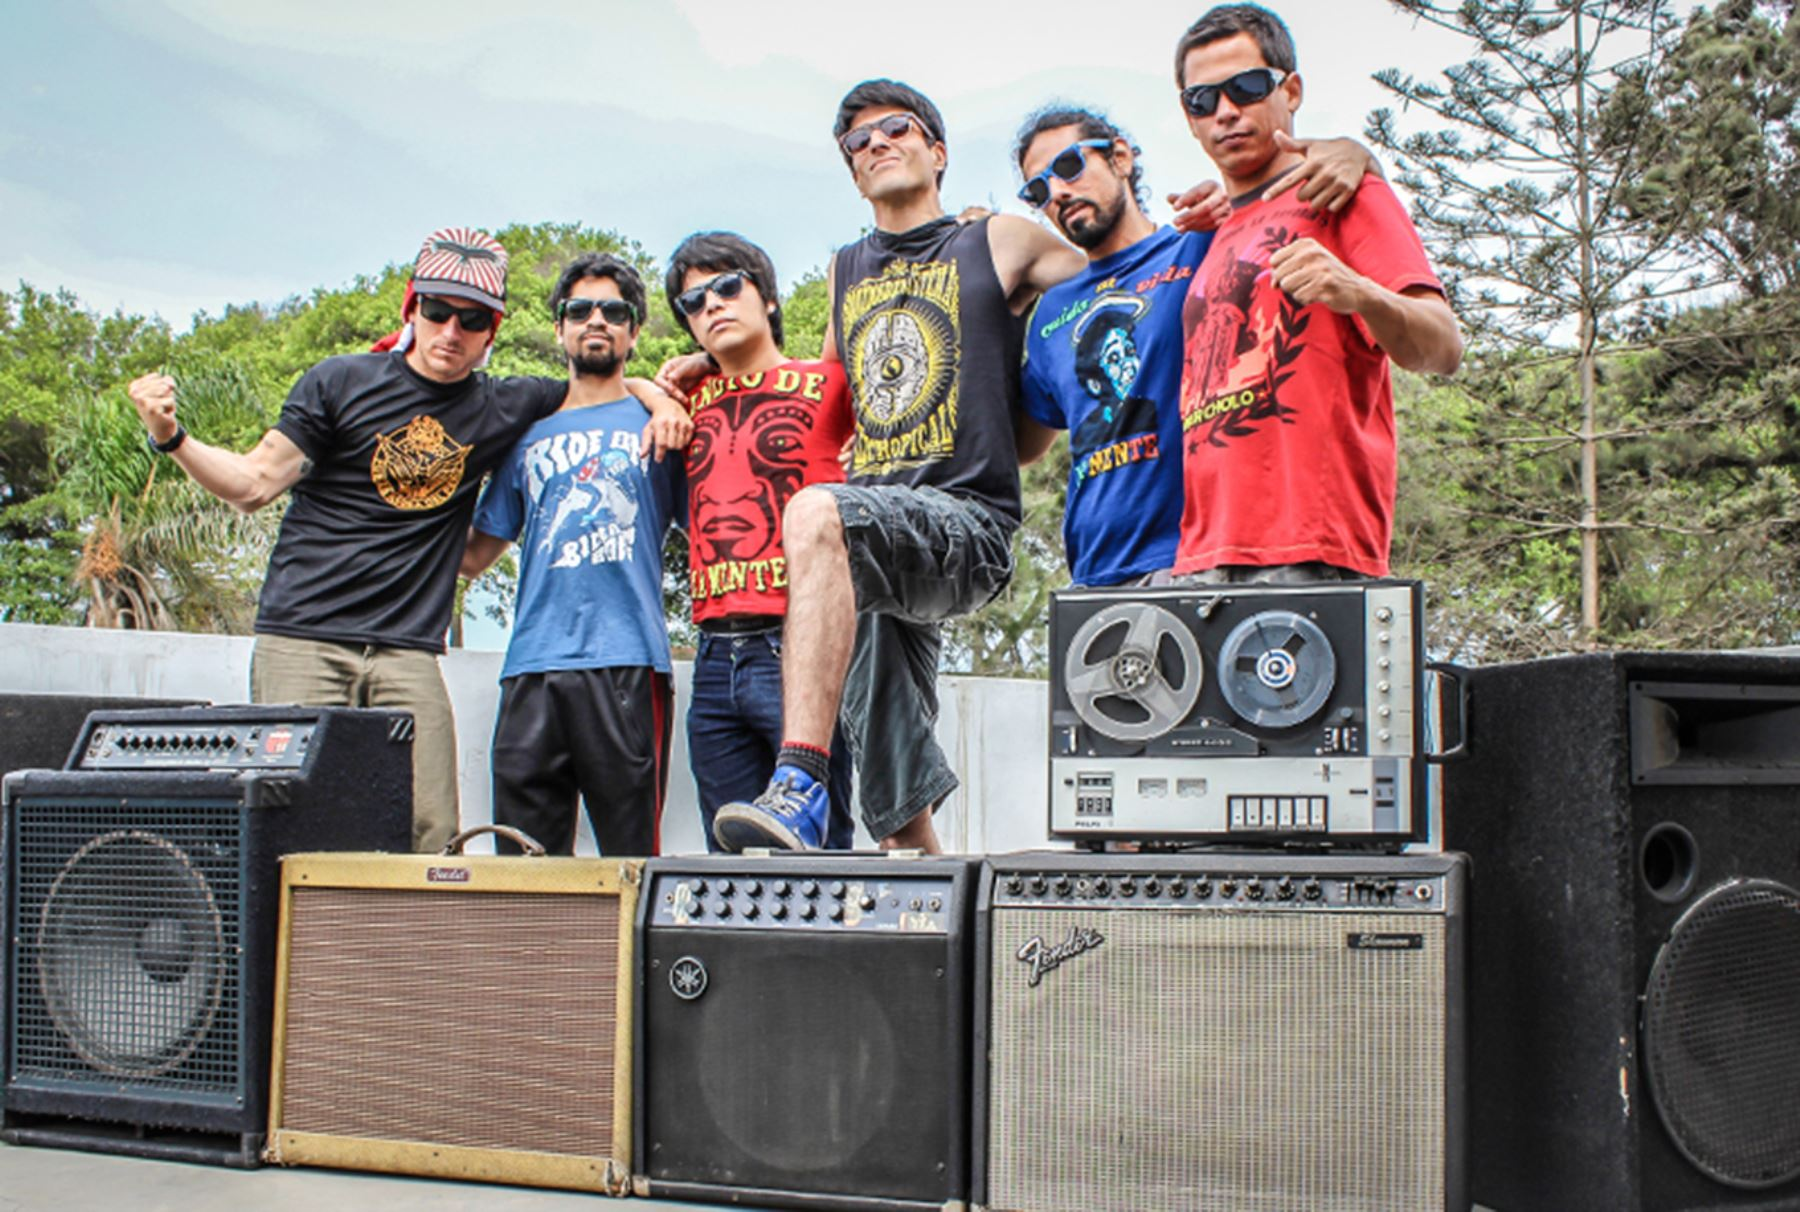 Cortesía El grupo La Mente tocará en Buenos Aires, en un festival organizado por la gobernación de esa ciudad argentina